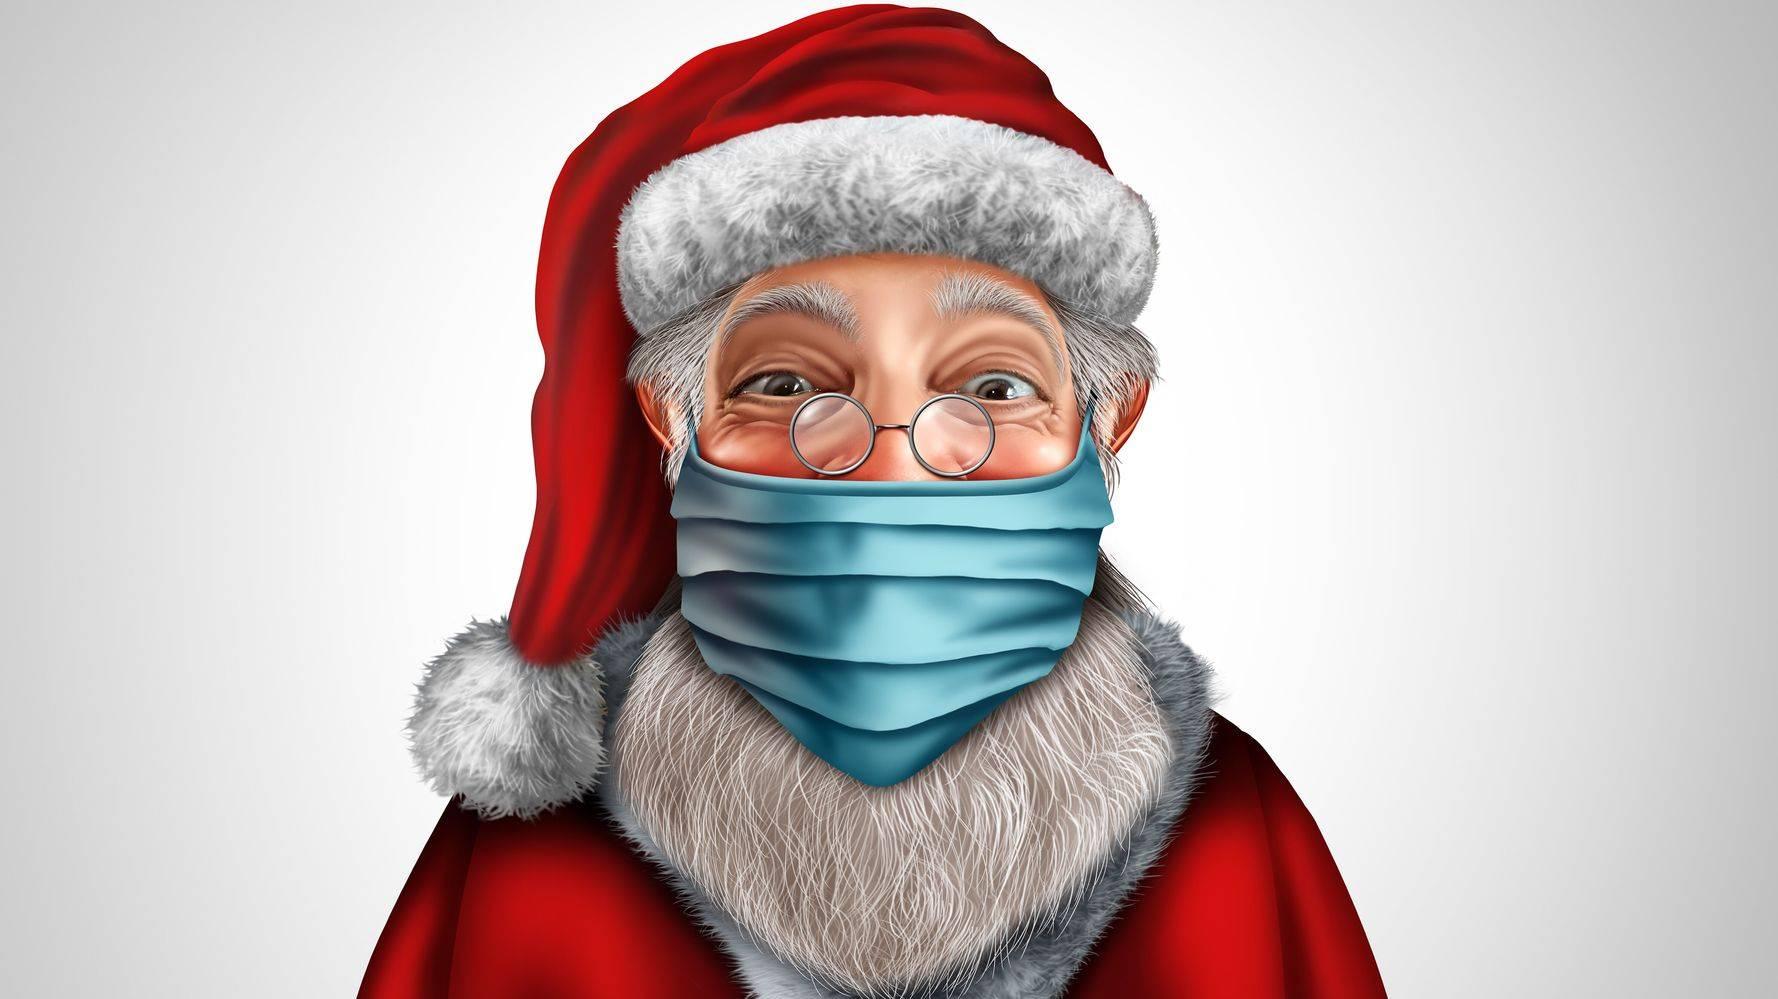 como será as vendas de natal com o coronavirus?